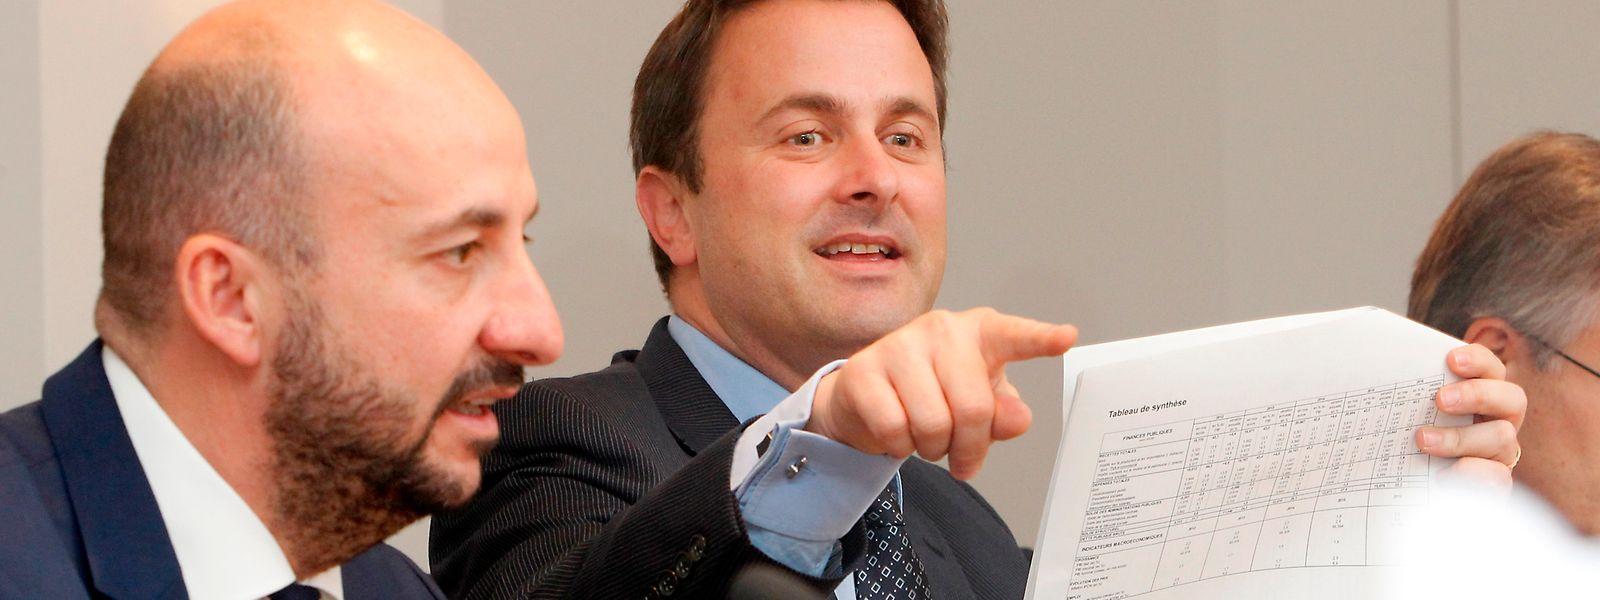 Mit Premier Xavier Bettel (DP)  und Vizepremier Etienne Schneider (LSAP) übernimmt eine neue Generation die Macht.